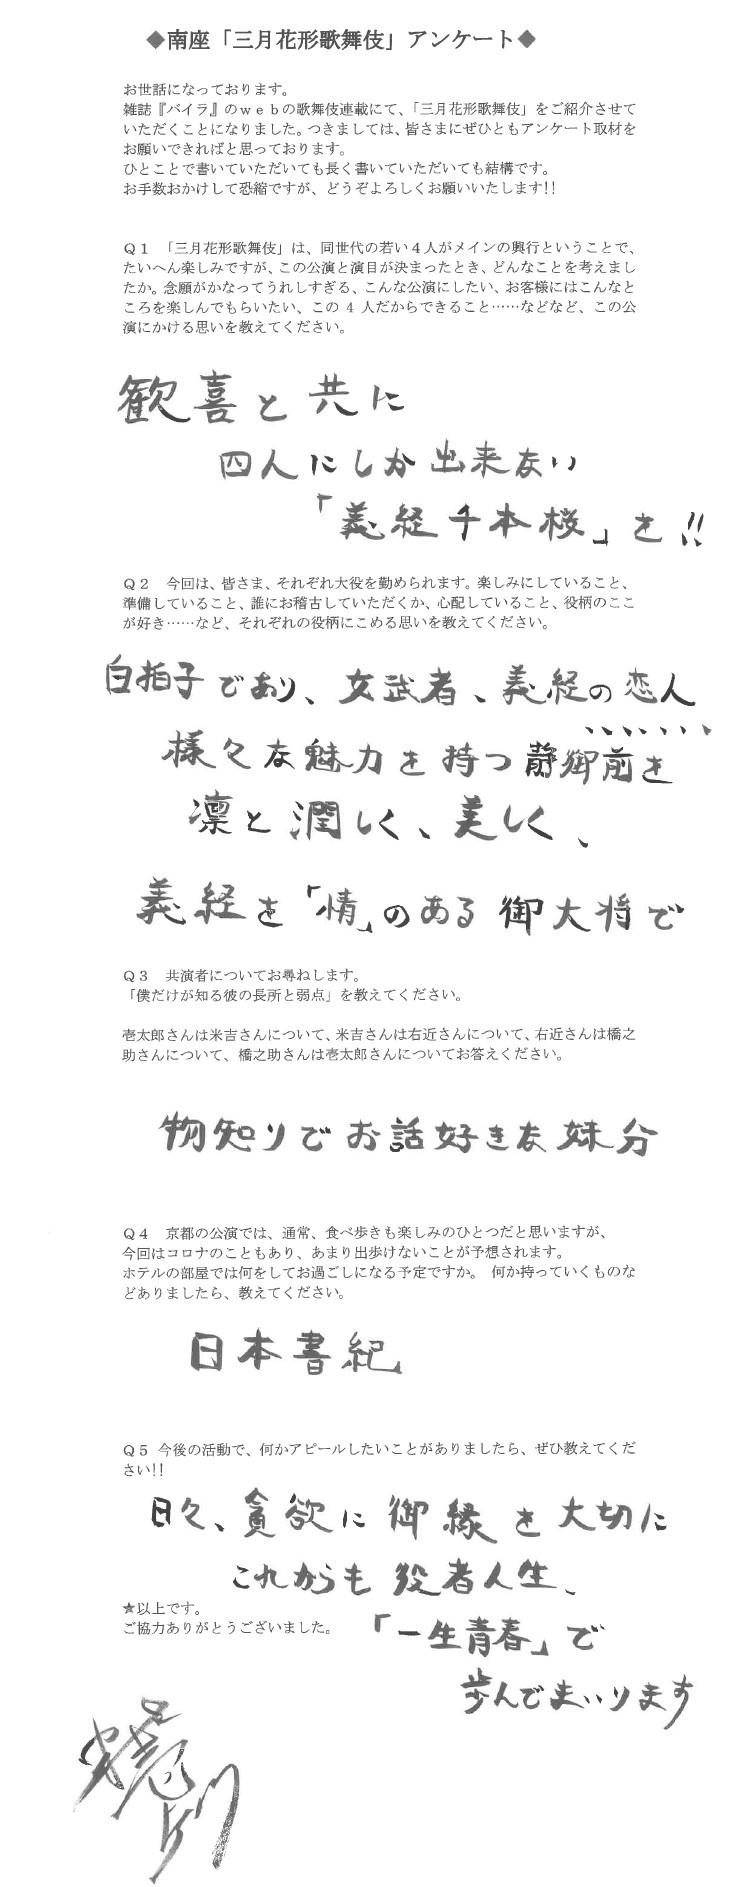 花形歌舞伎俳優の中村壱太郎のアンケート